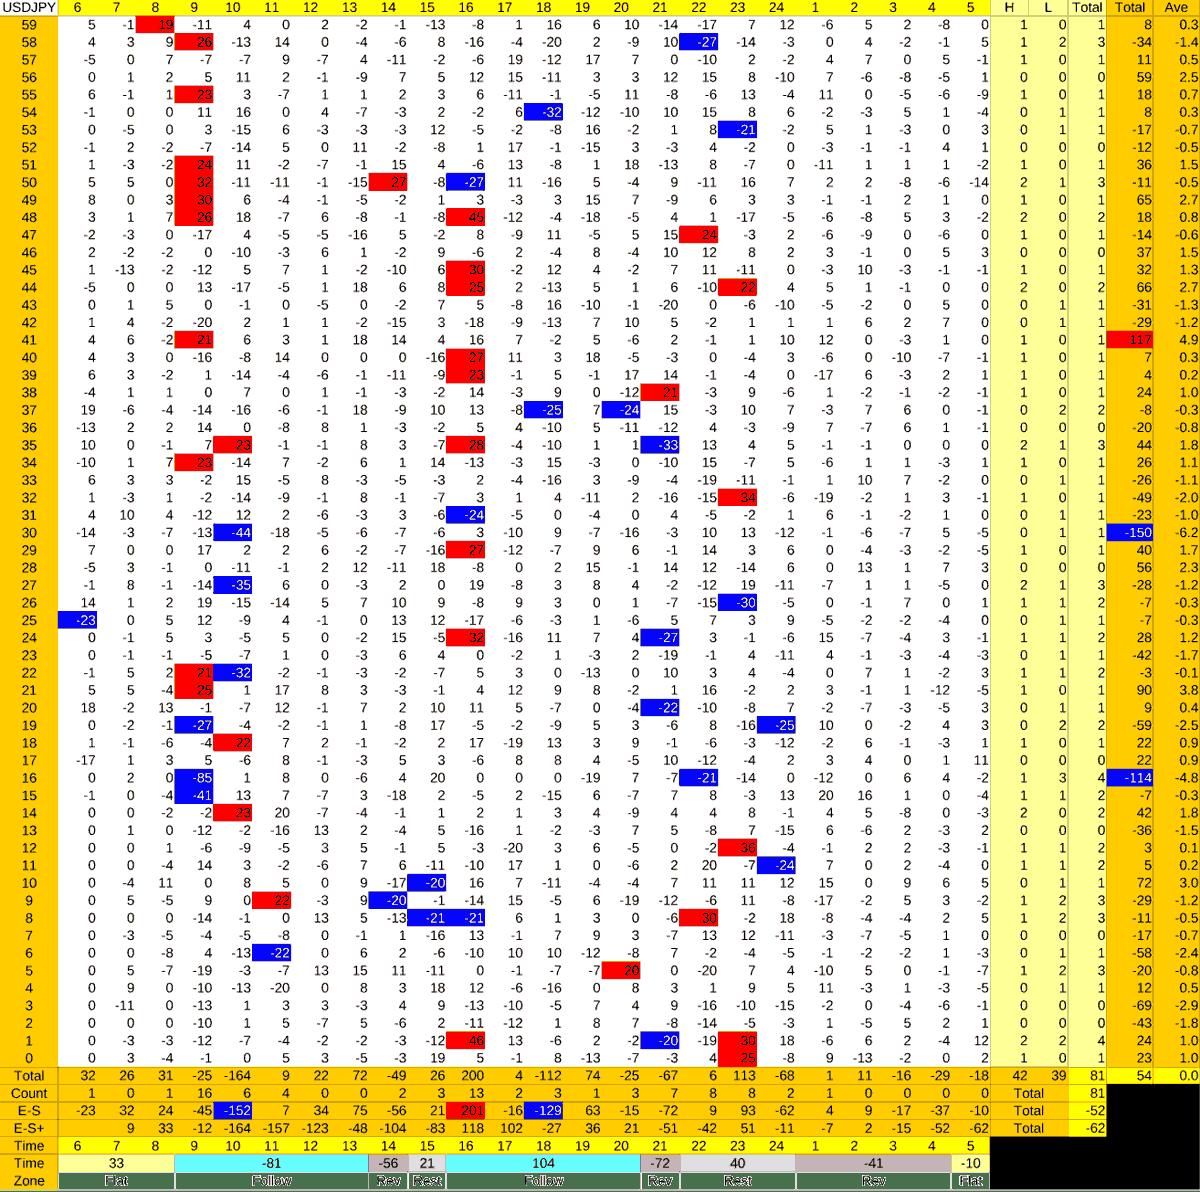 20210421_HS(1)USDJPY